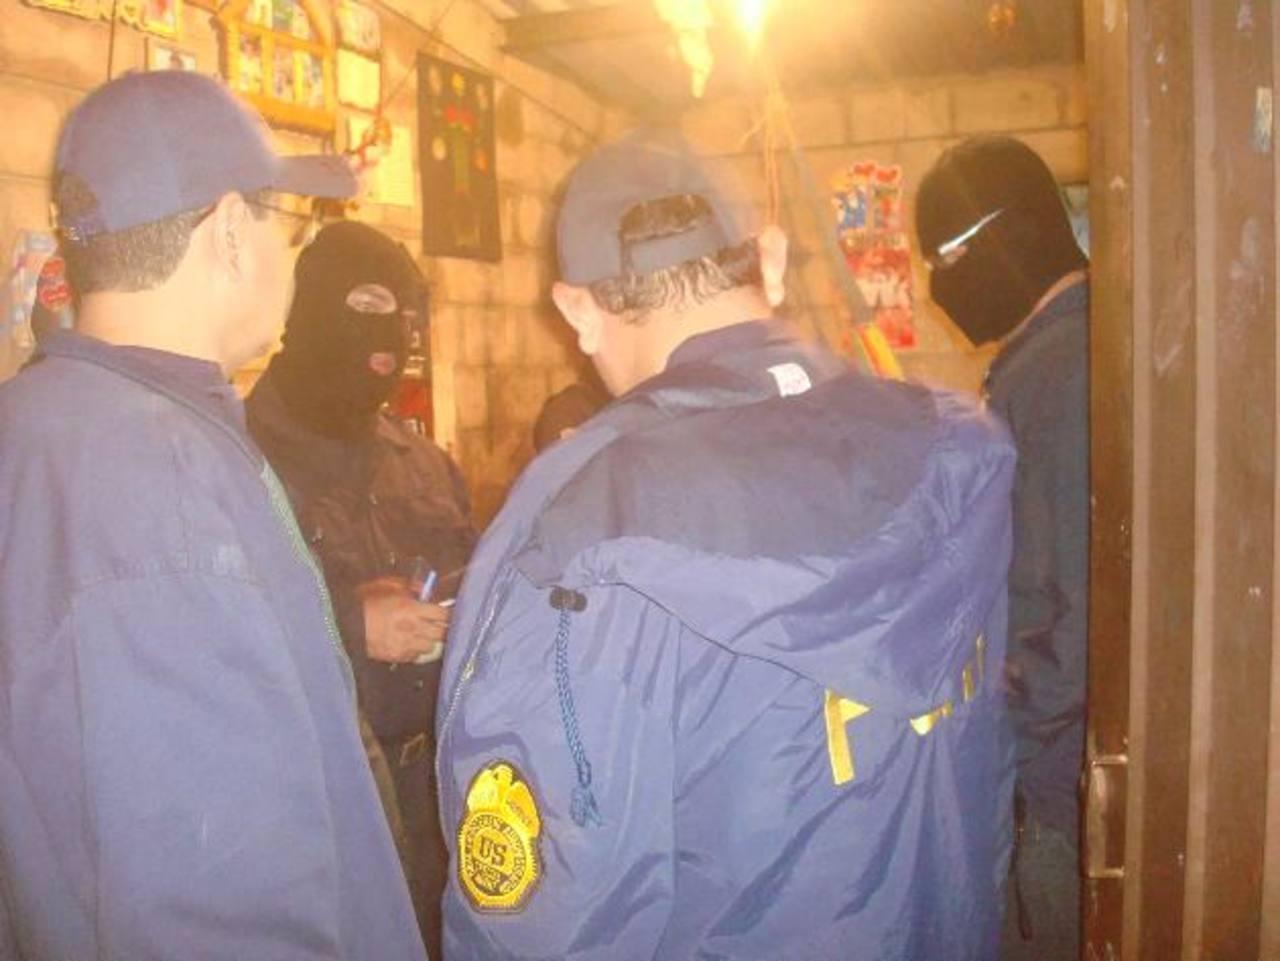 Agentes policiales y fiscales desarrollaron un operativo que terminó con 16 detenciones en horas de la madrugada, en diferentes poblados de Apopa: El Sartén, Las Brisas y alrededores de Joya Grande. Foto / Cortesía FGR